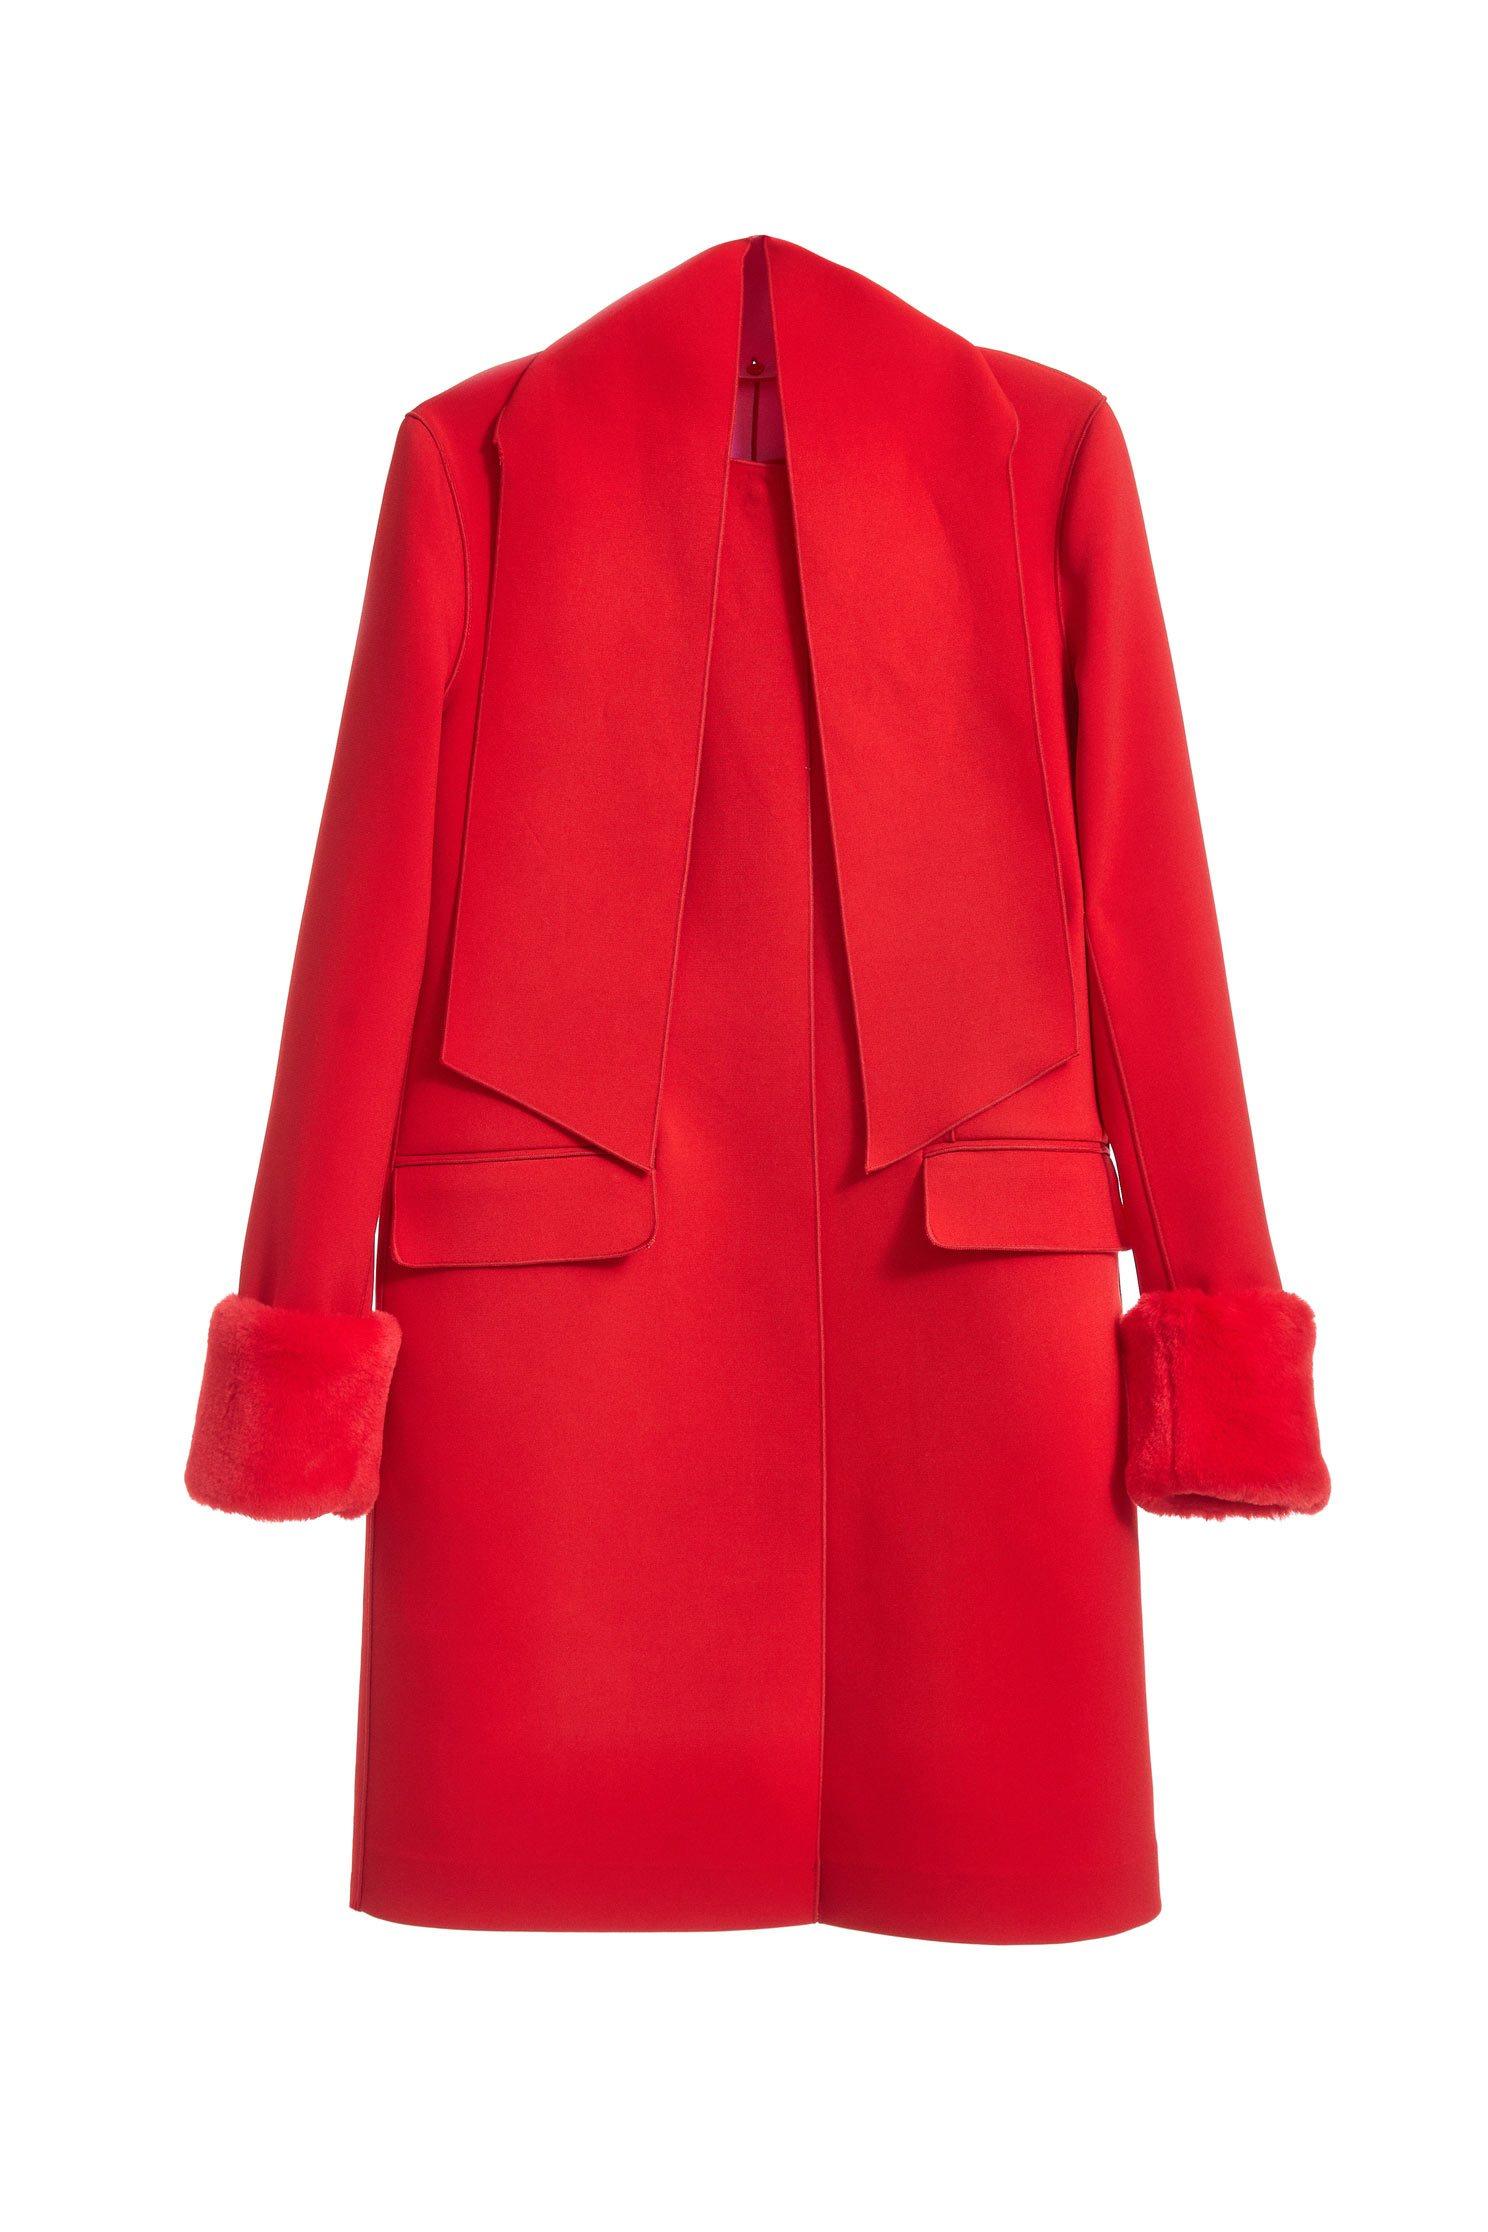 spicy ladies popular pairy coat